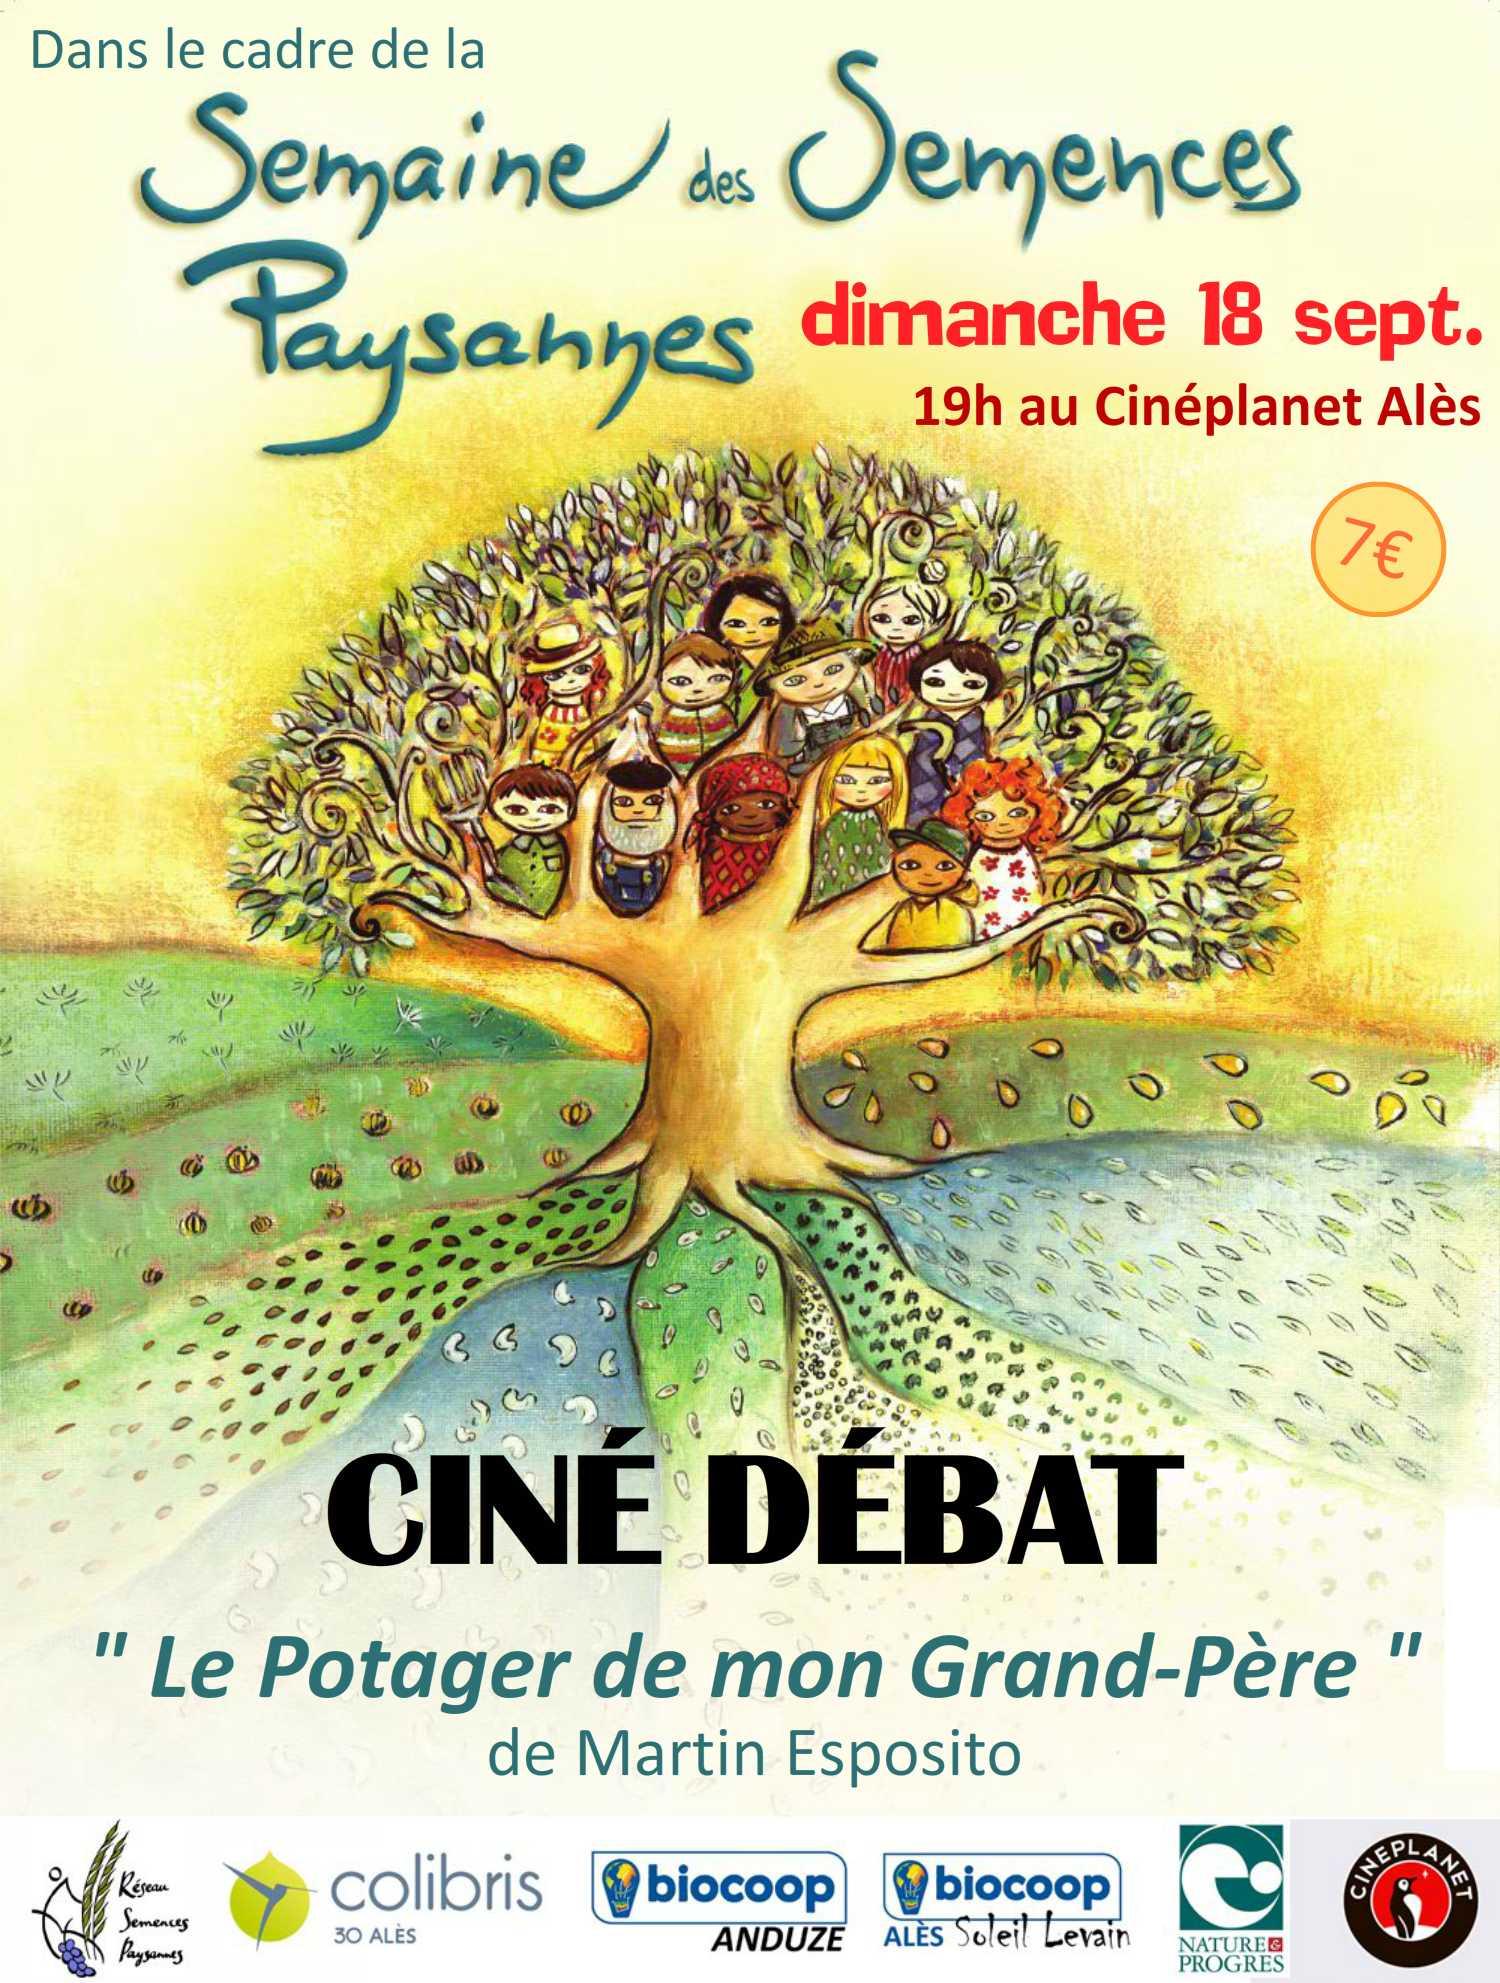 2016-09-04-affiche-cine-debat-le-potager-de-mon-grand-pere